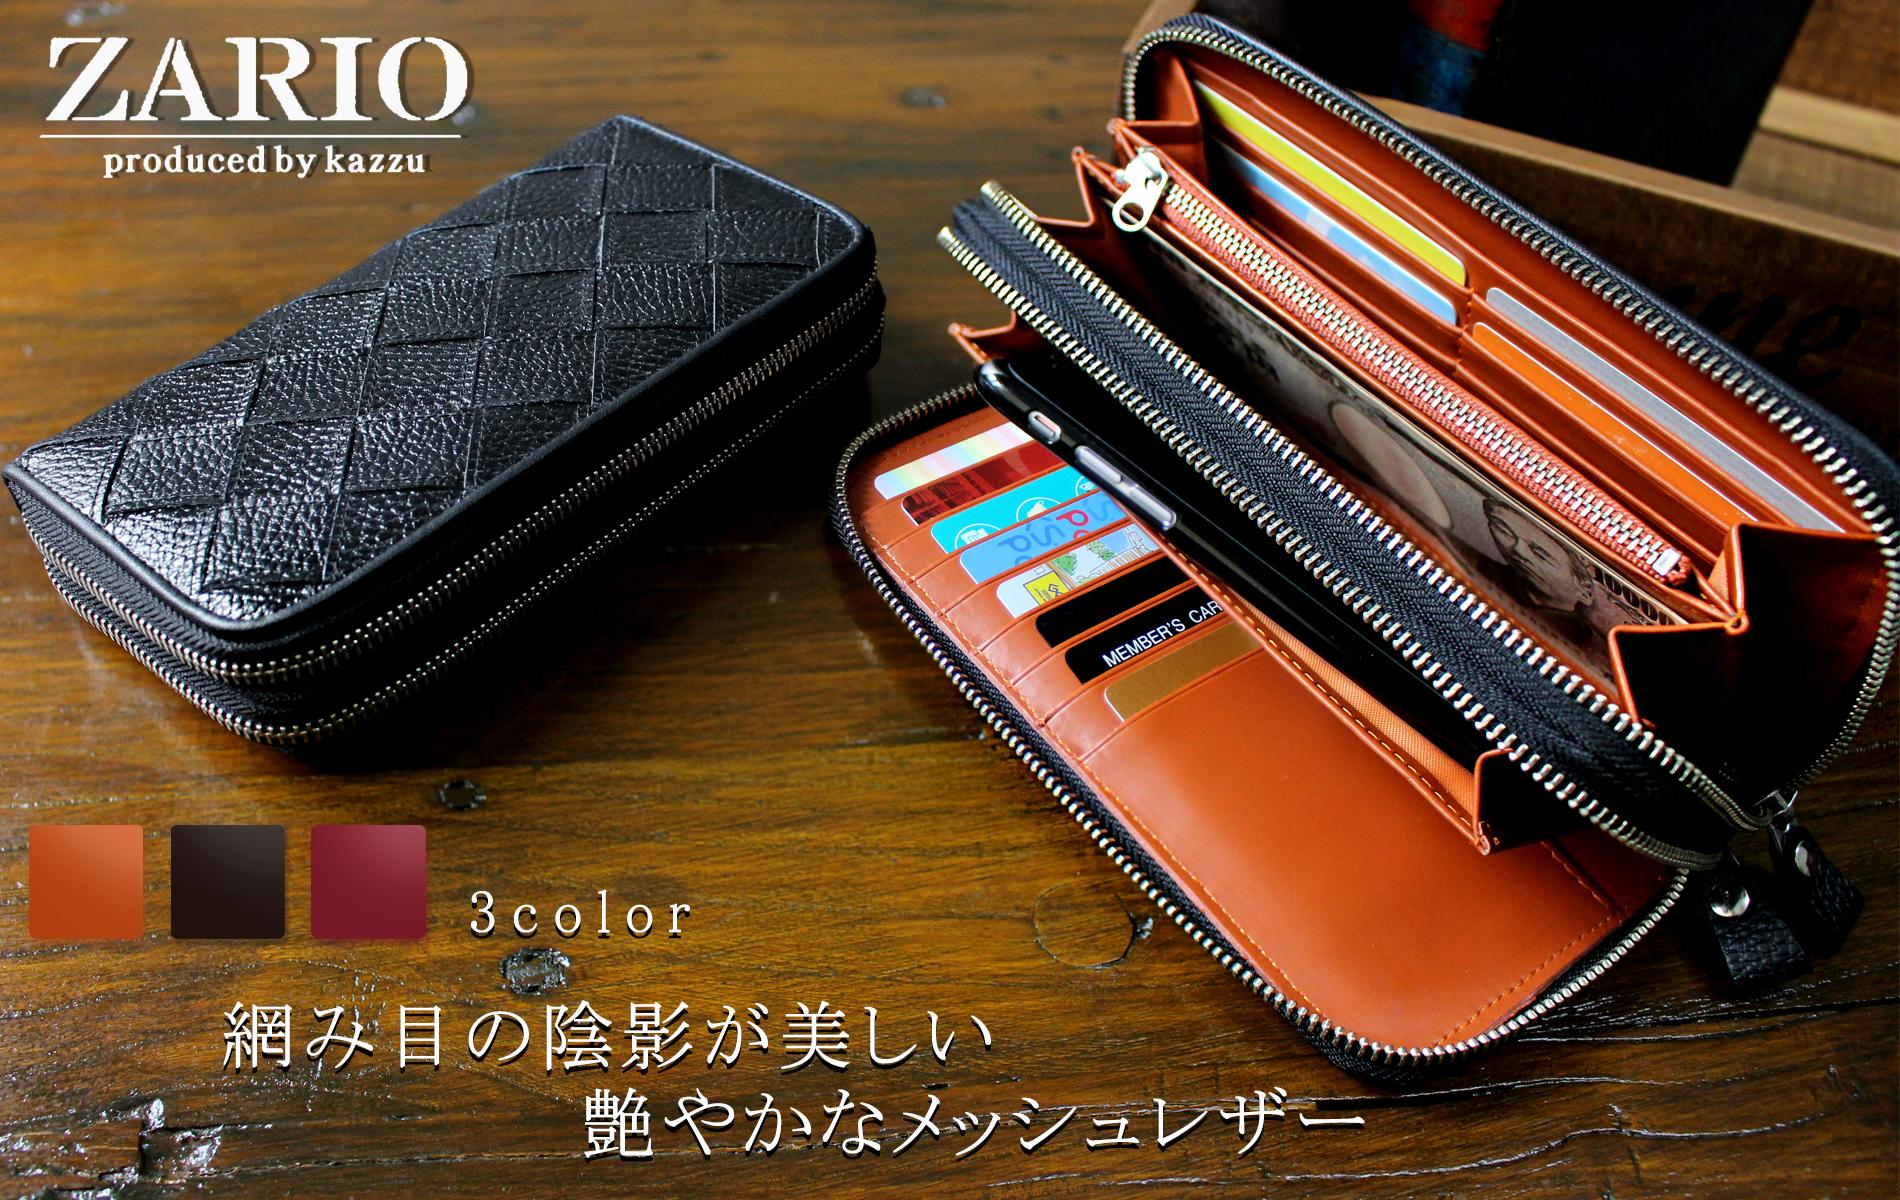 長財布メンズ メッシュ シンプル 大容量 ラウンドファスナー 2層式 ロングウォレット ZARIO ザリオ(3色) 【ZA-1811】